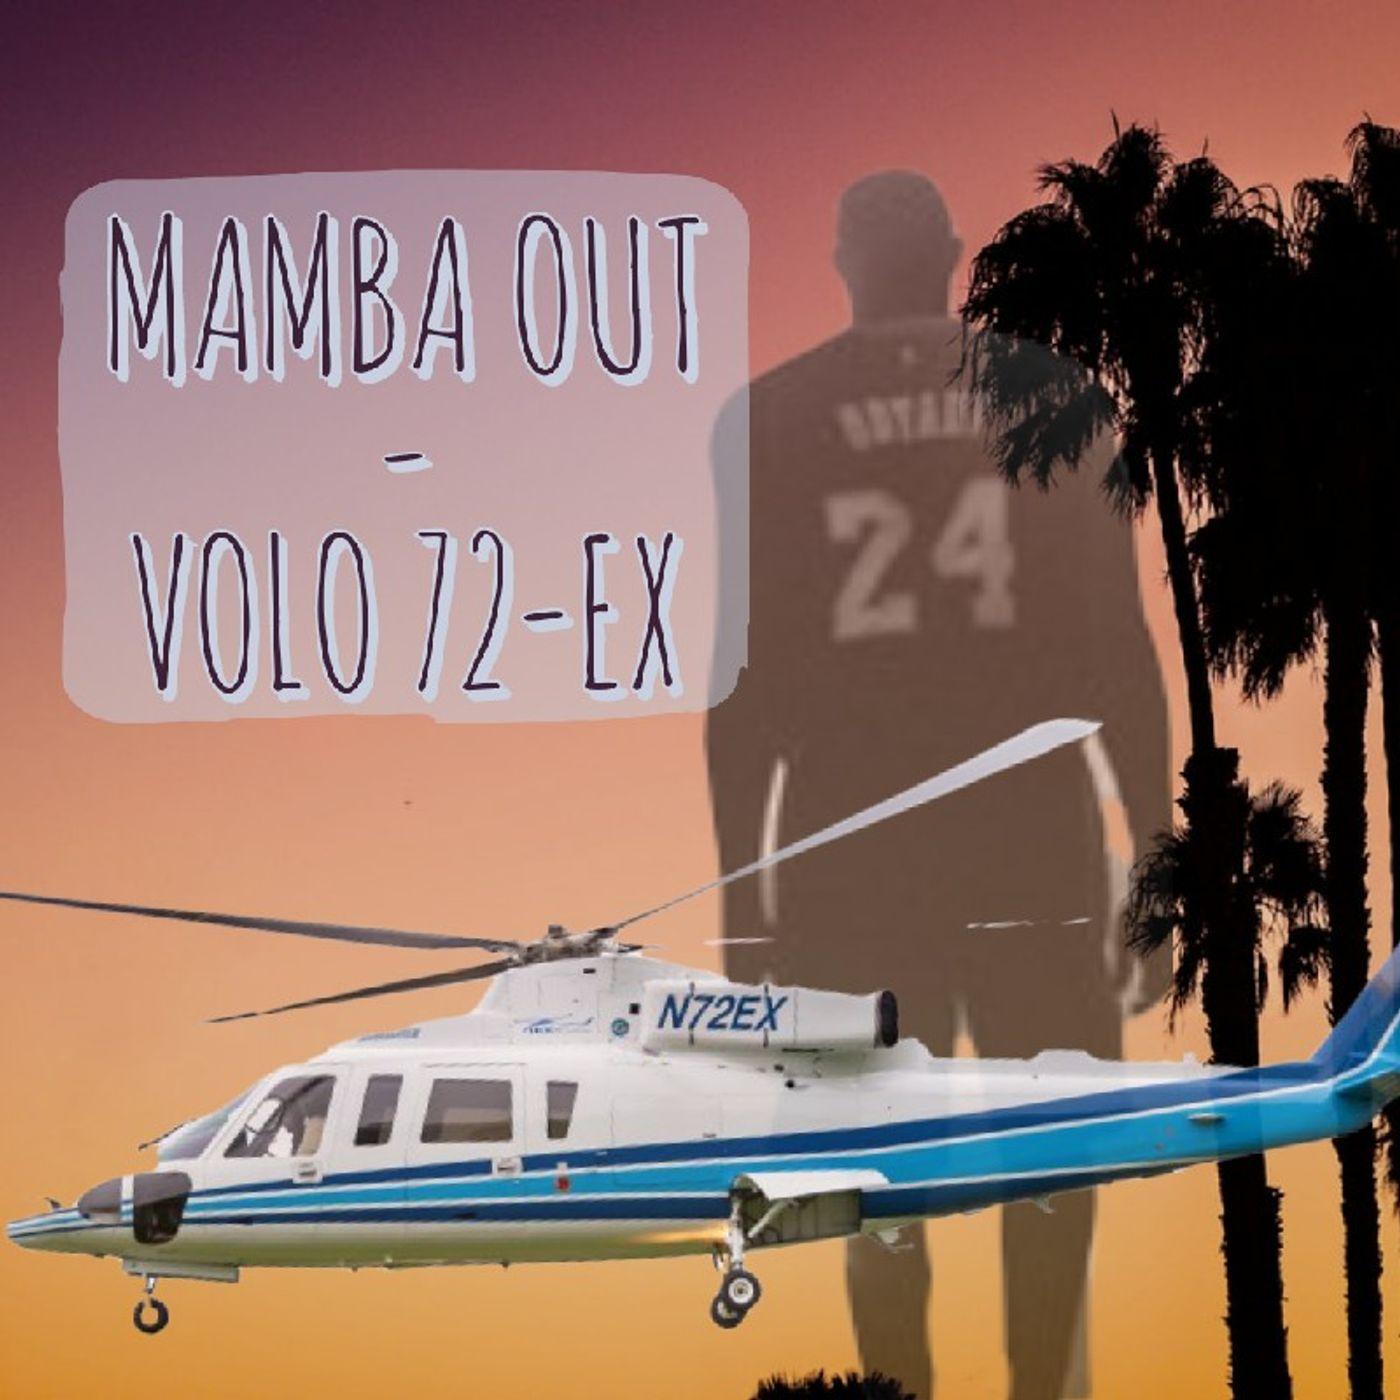 Mamba Out - Volo 72-EX